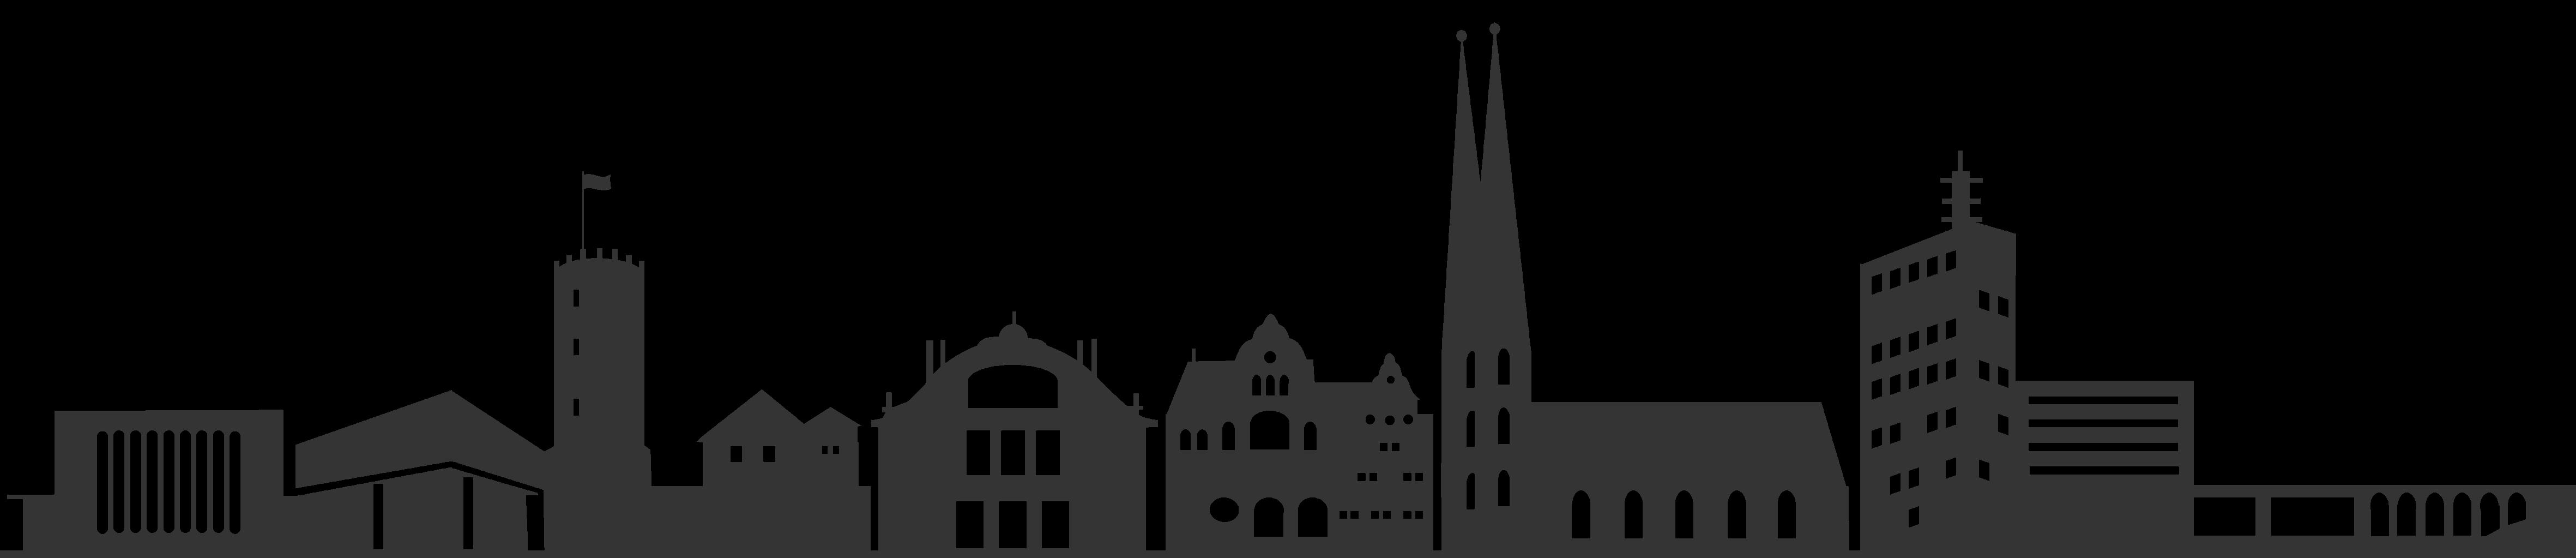 skyline von Bielefeld